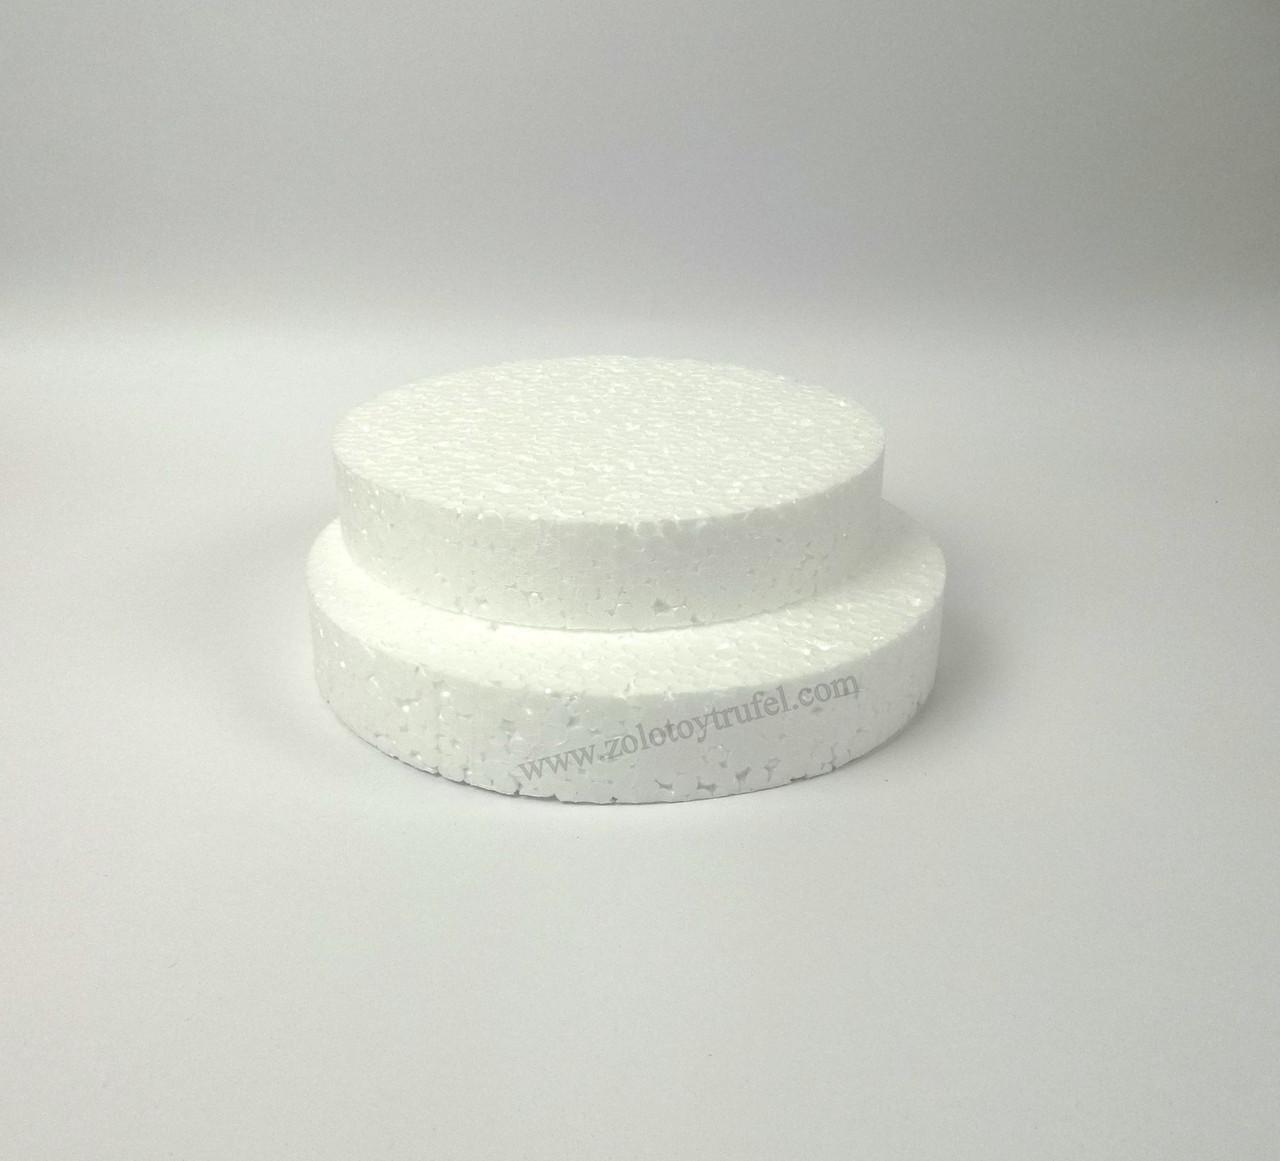 Прослойка пенопластовая для торта d 10 см h 3 см